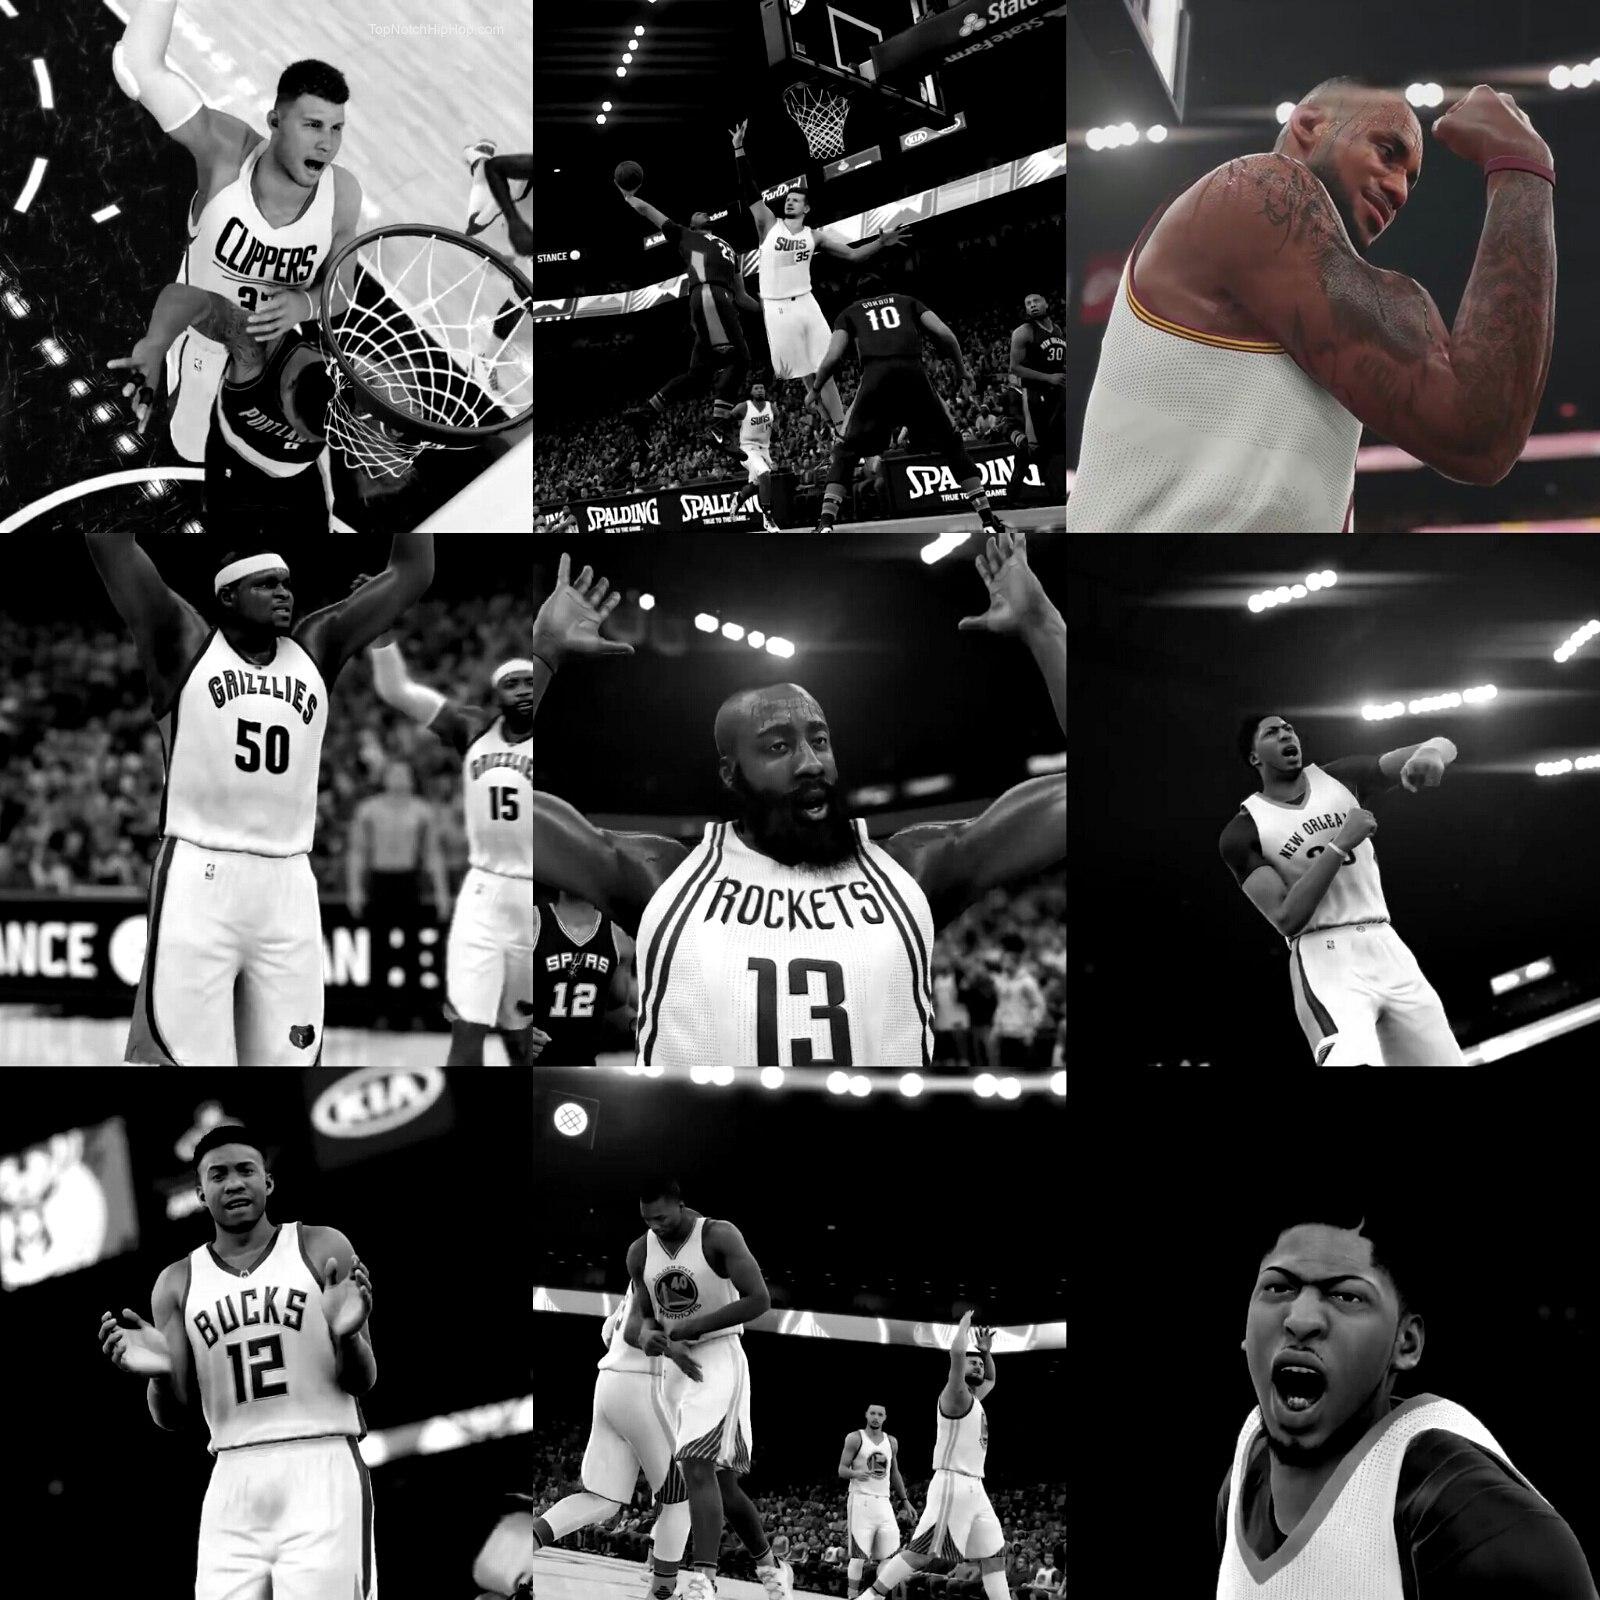 Довольный Леброн в игре НБА2К16 в 2015 году